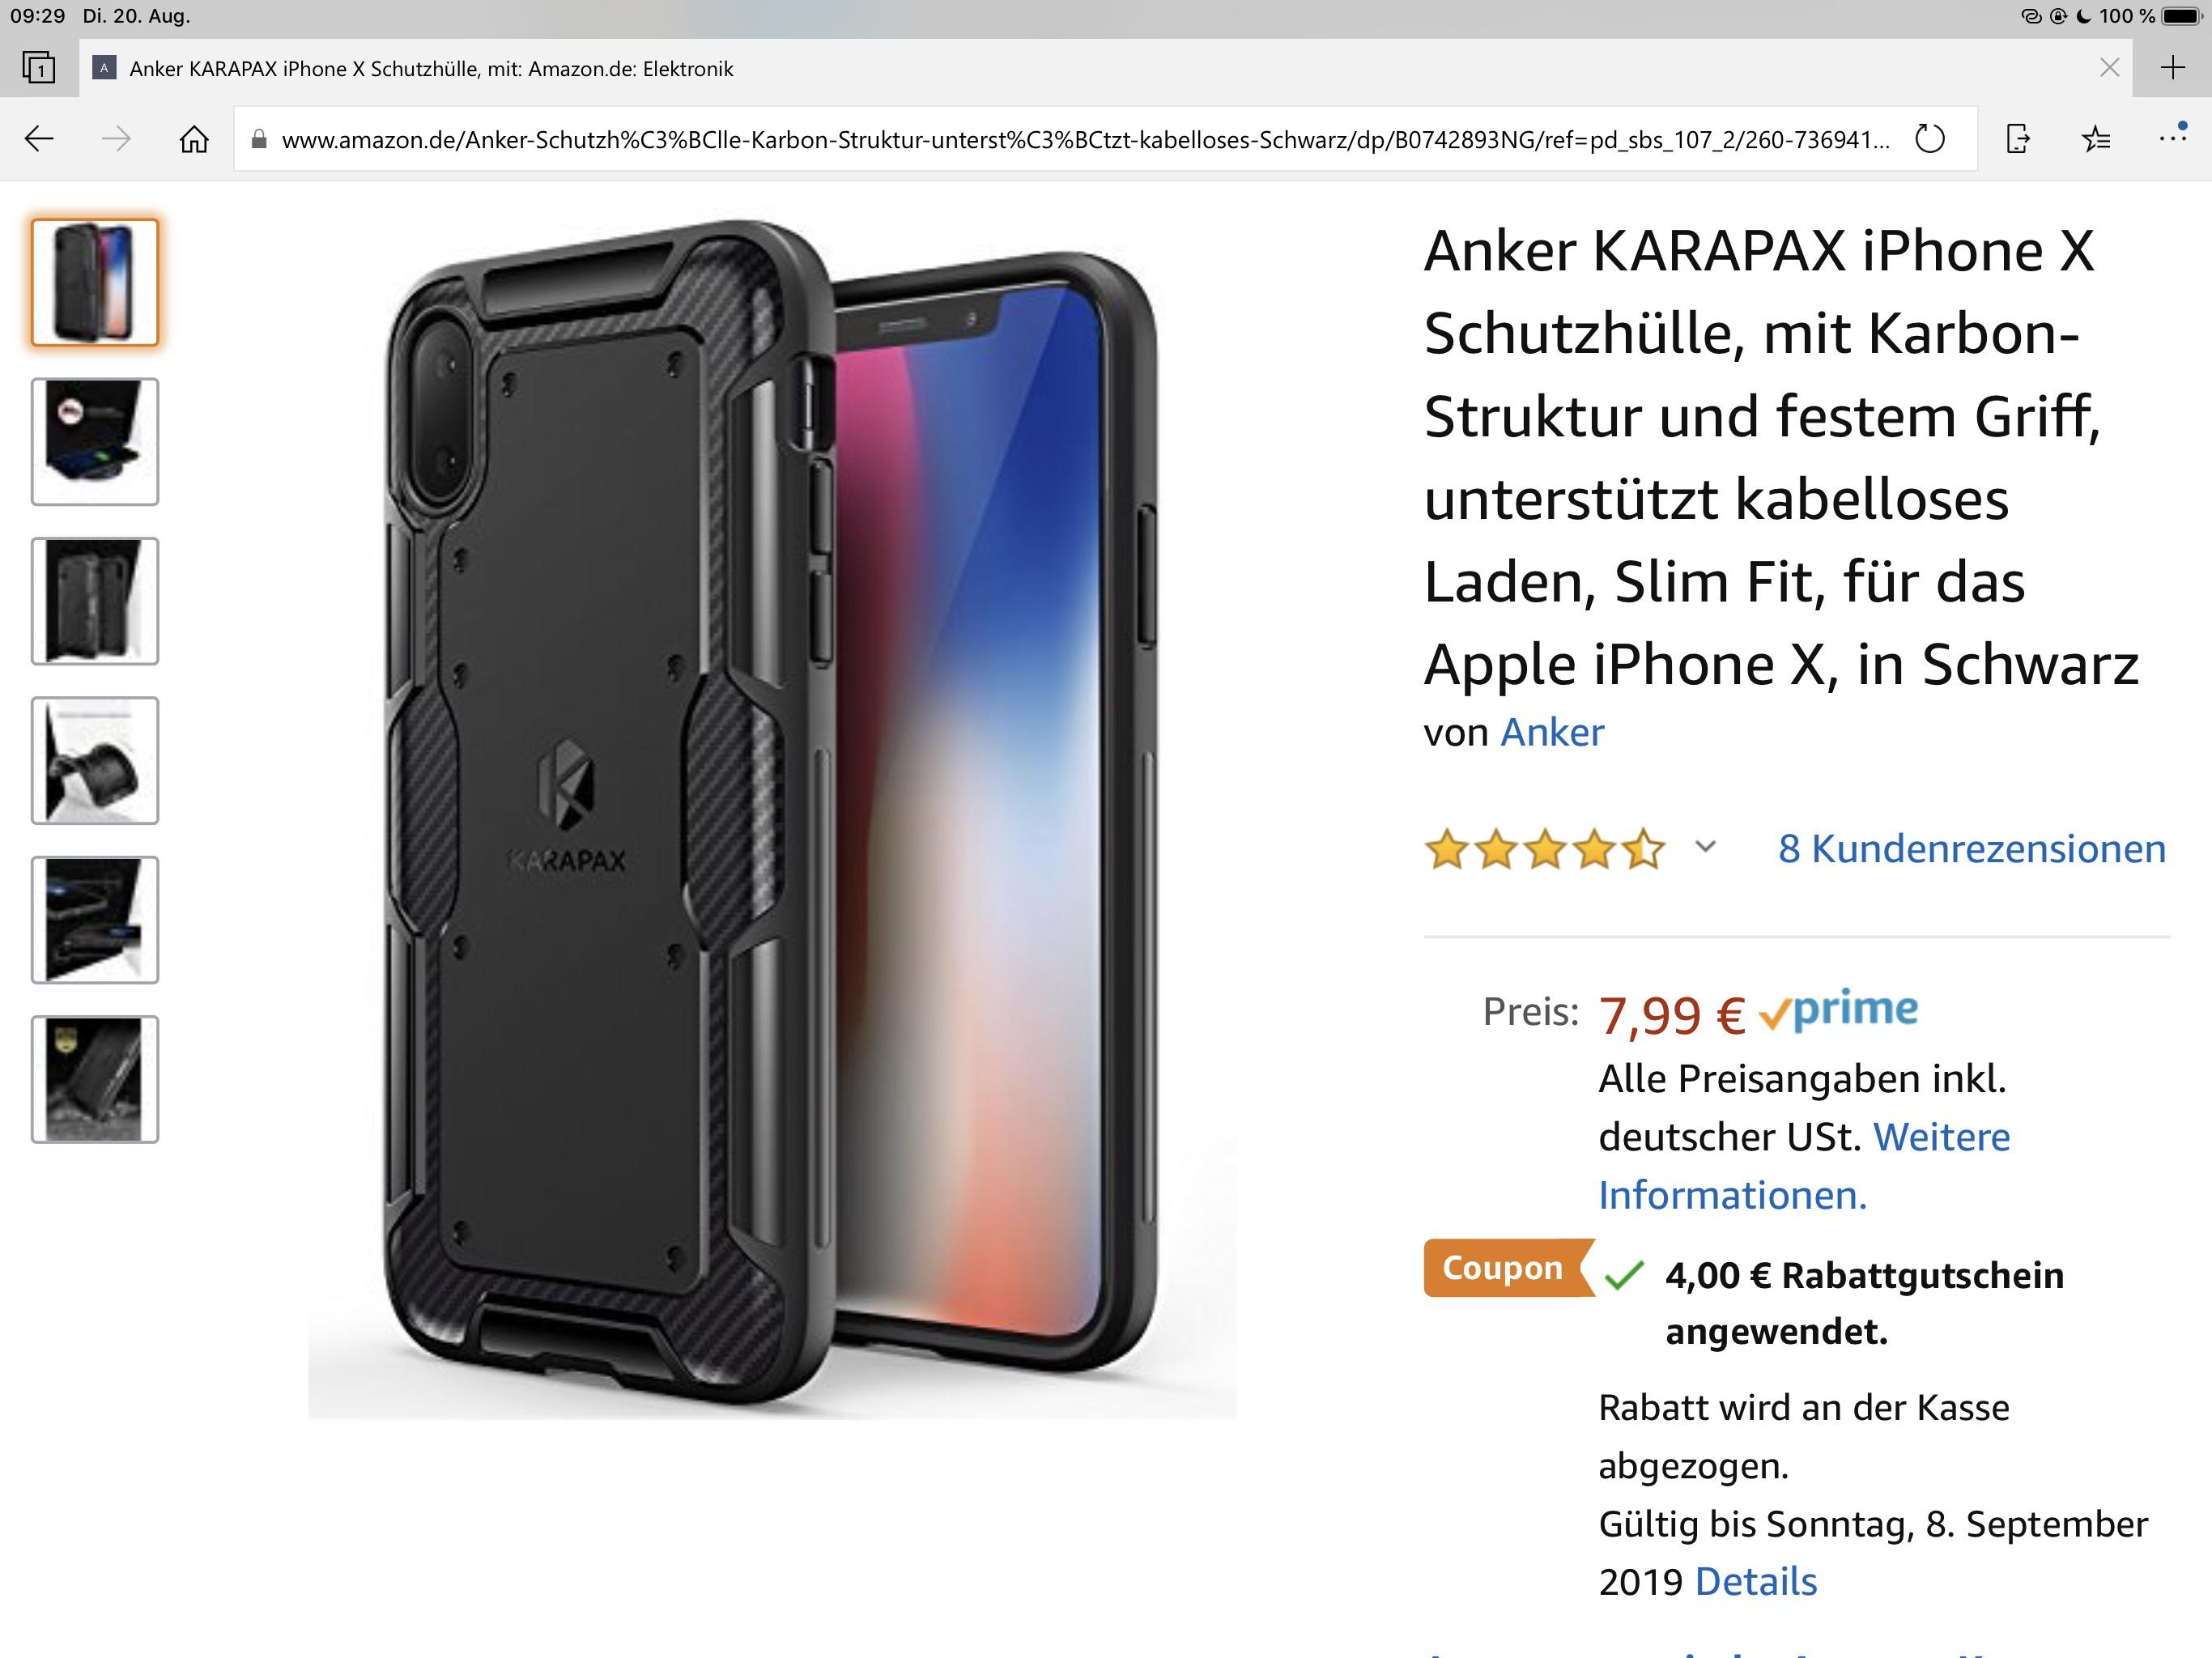 Mehrere Anker Schutzhüllen für das IPhone X mit Coupon günstiger.